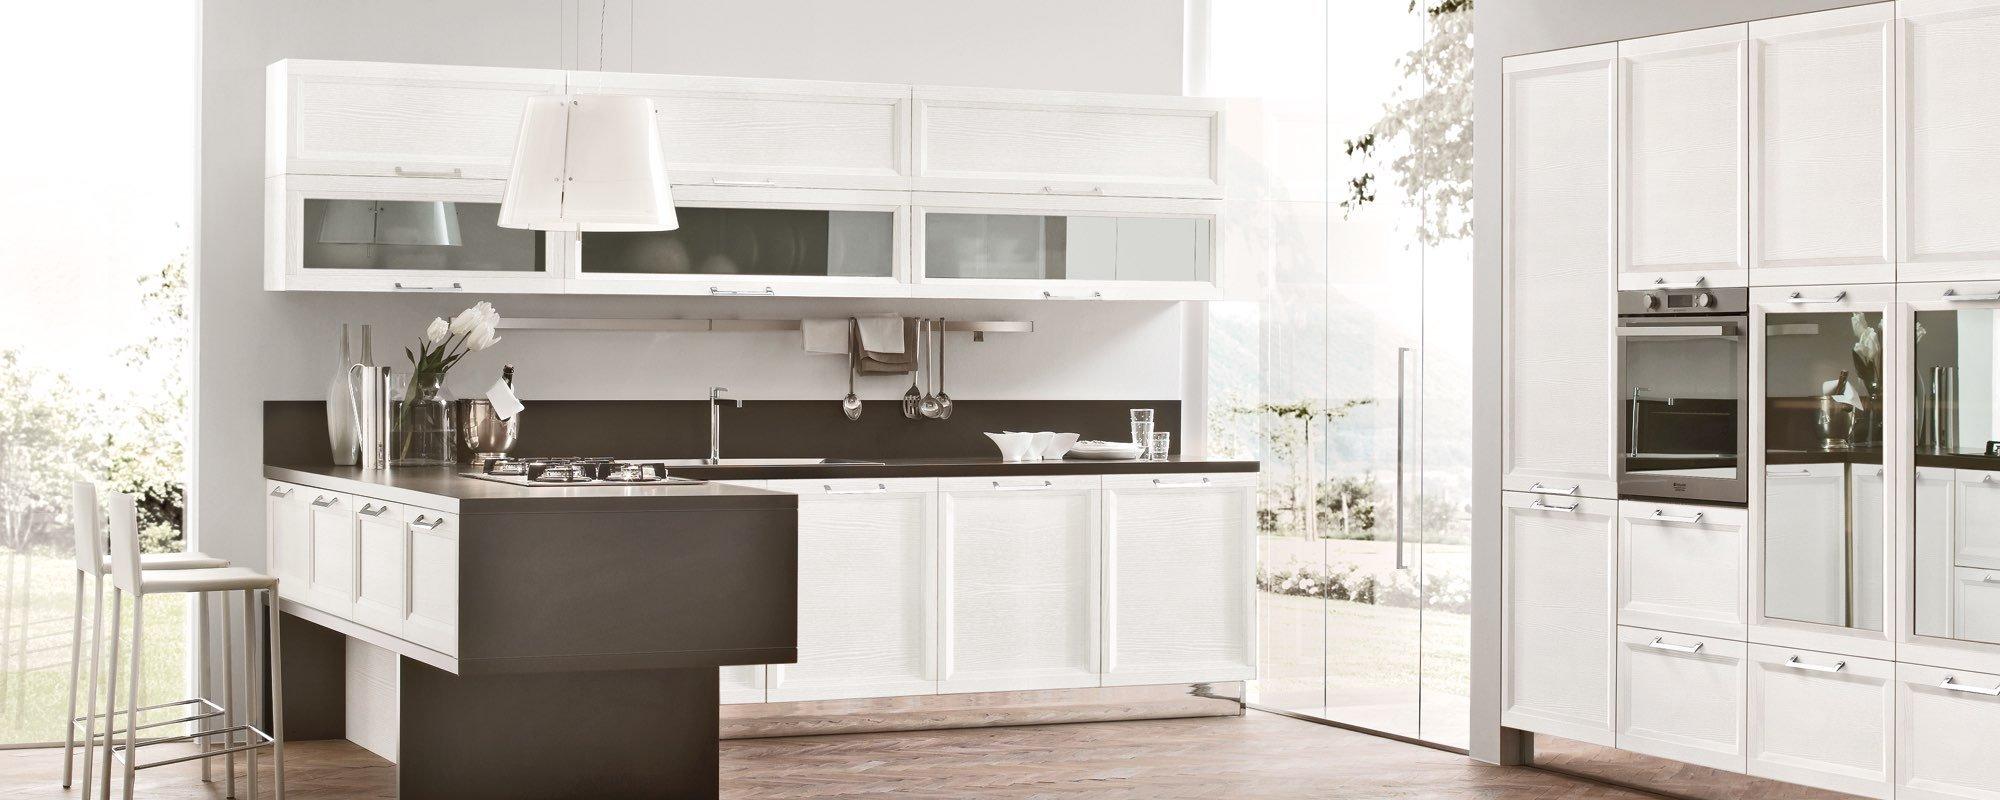 cucina moderna -Malibu